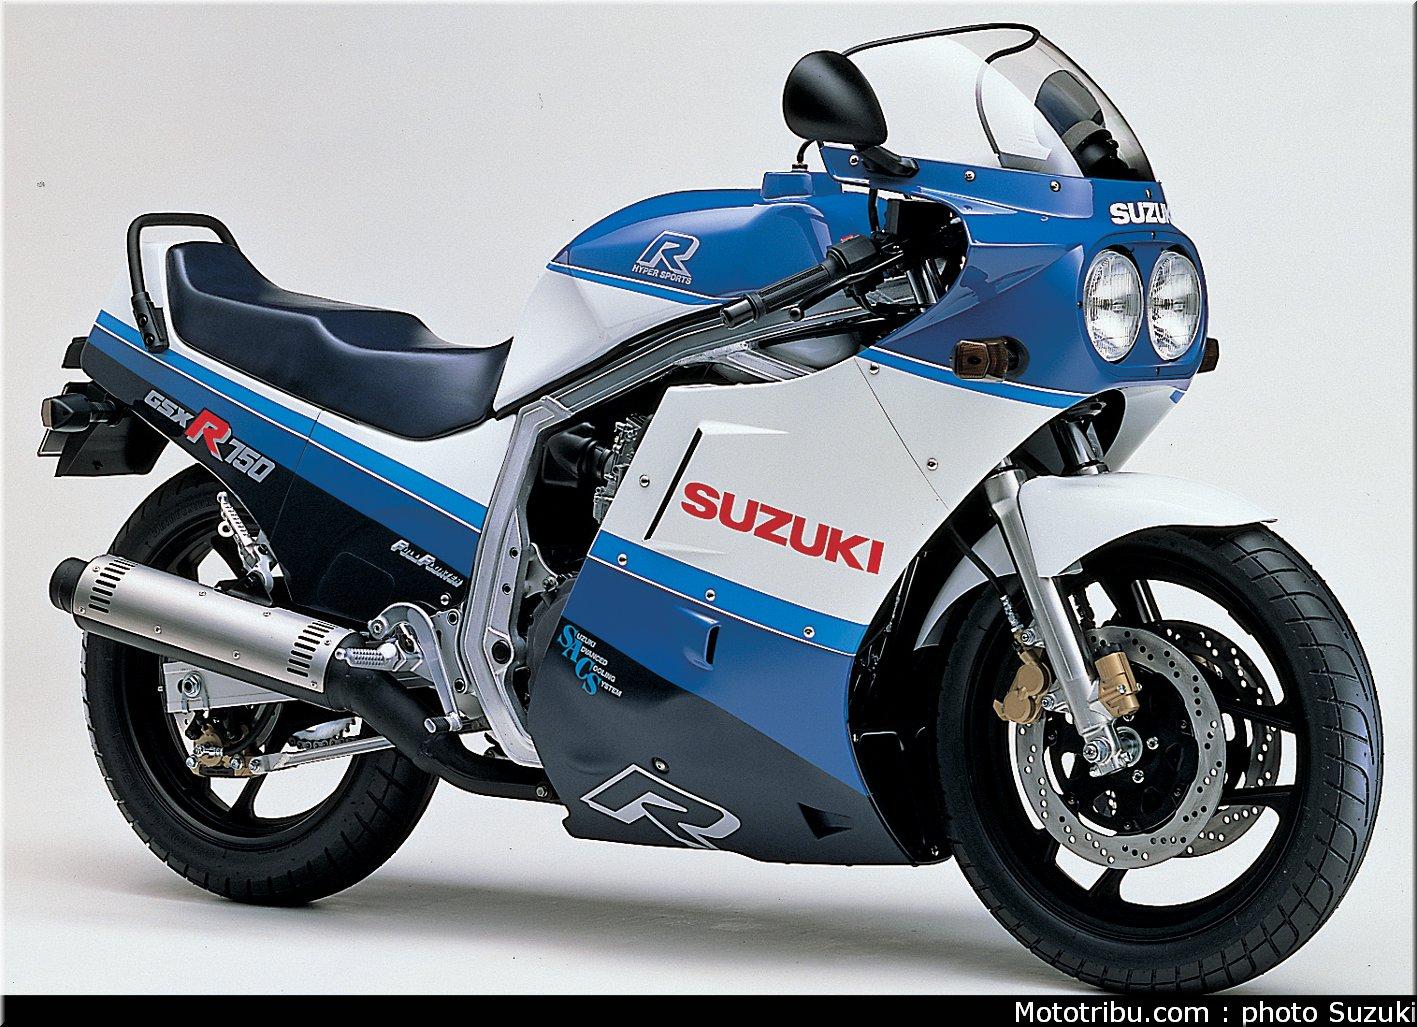 Suzuki GSX R 750 1417x1027